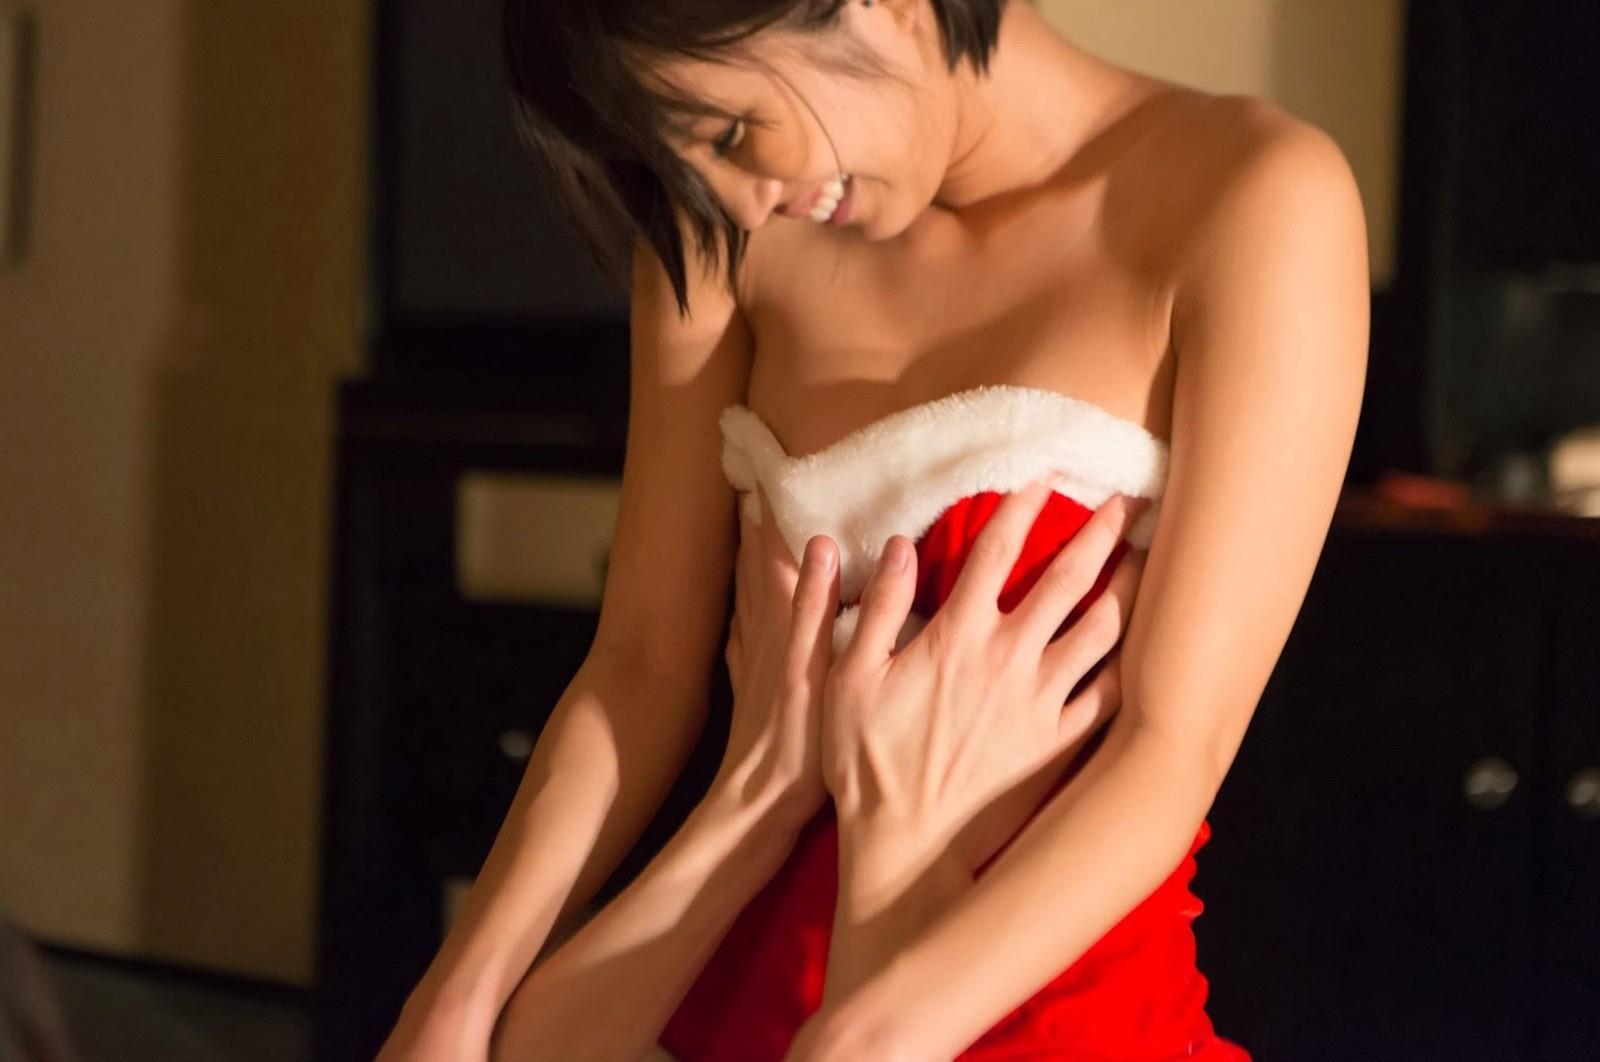 湊莉久 セックス画像 62